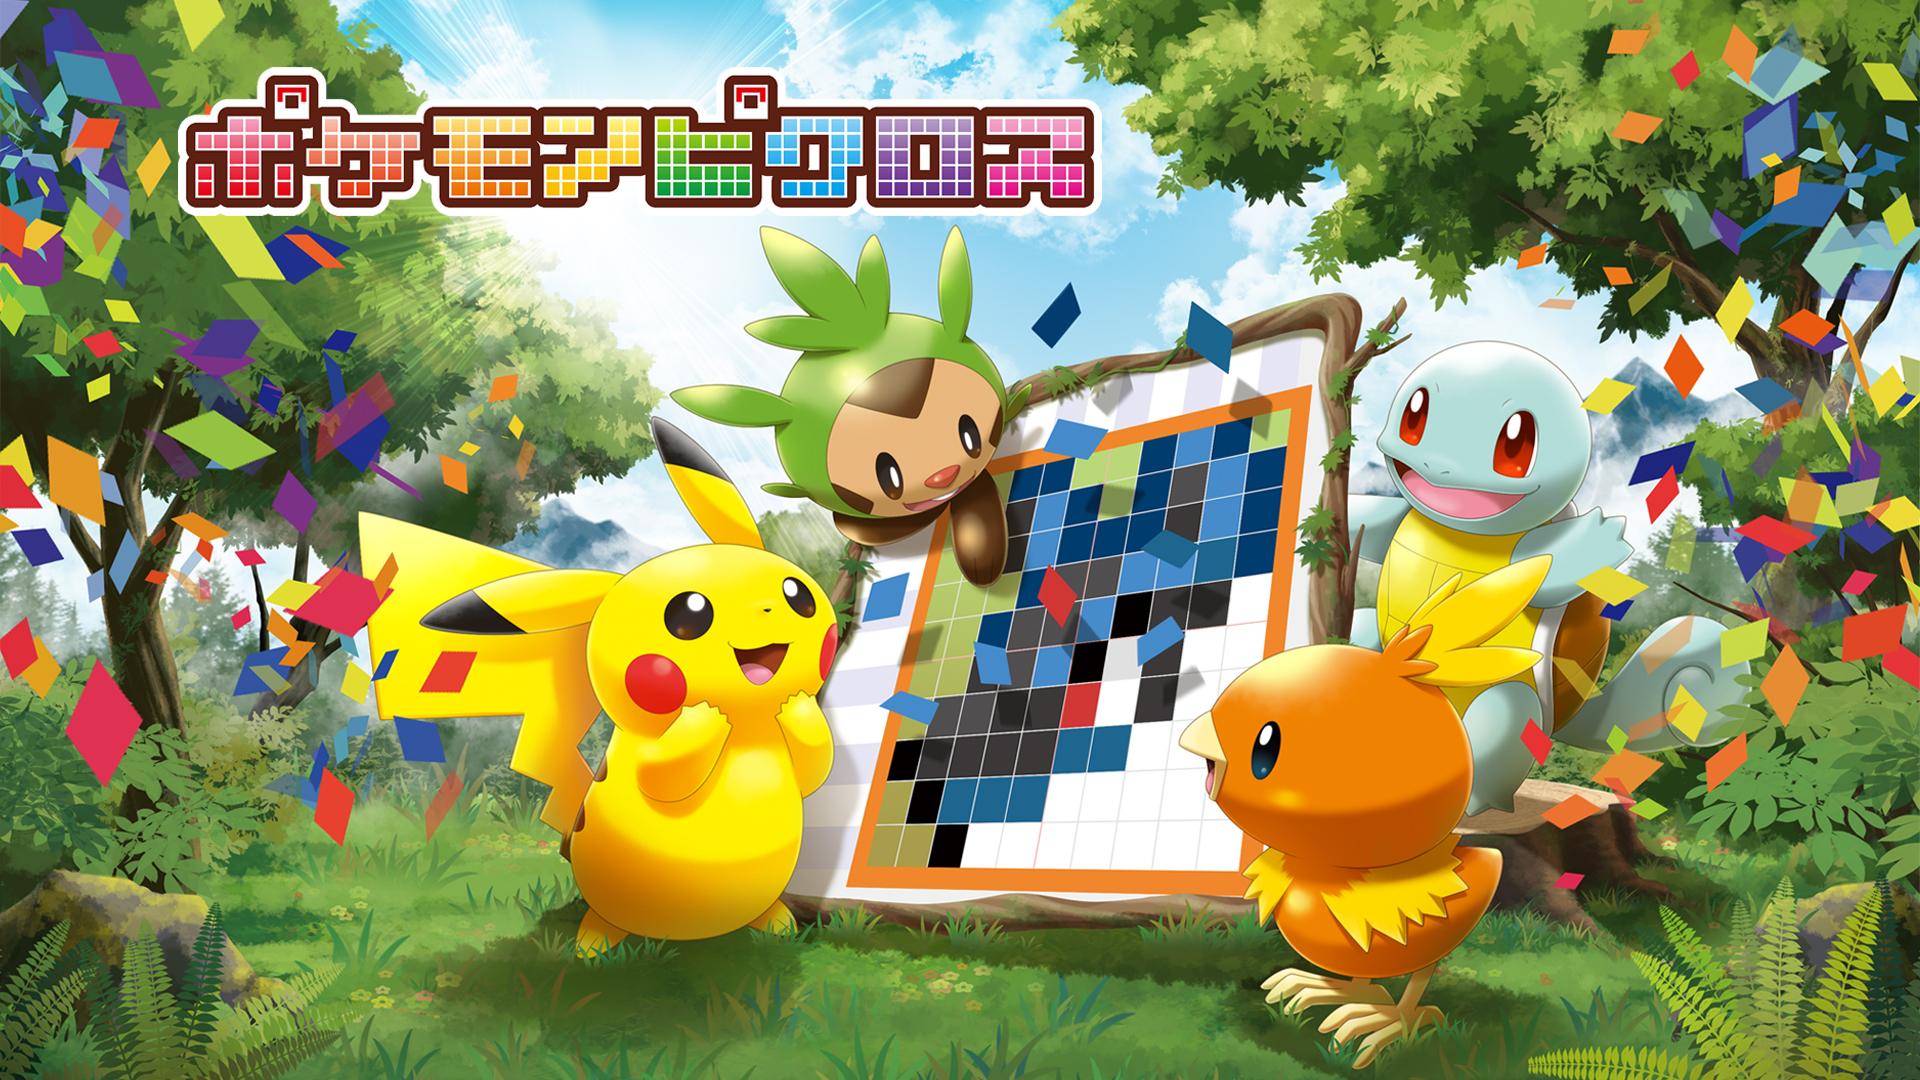 ポケモンピクロス - ゲームカタログ@wiki ~クソゲーから名作まで